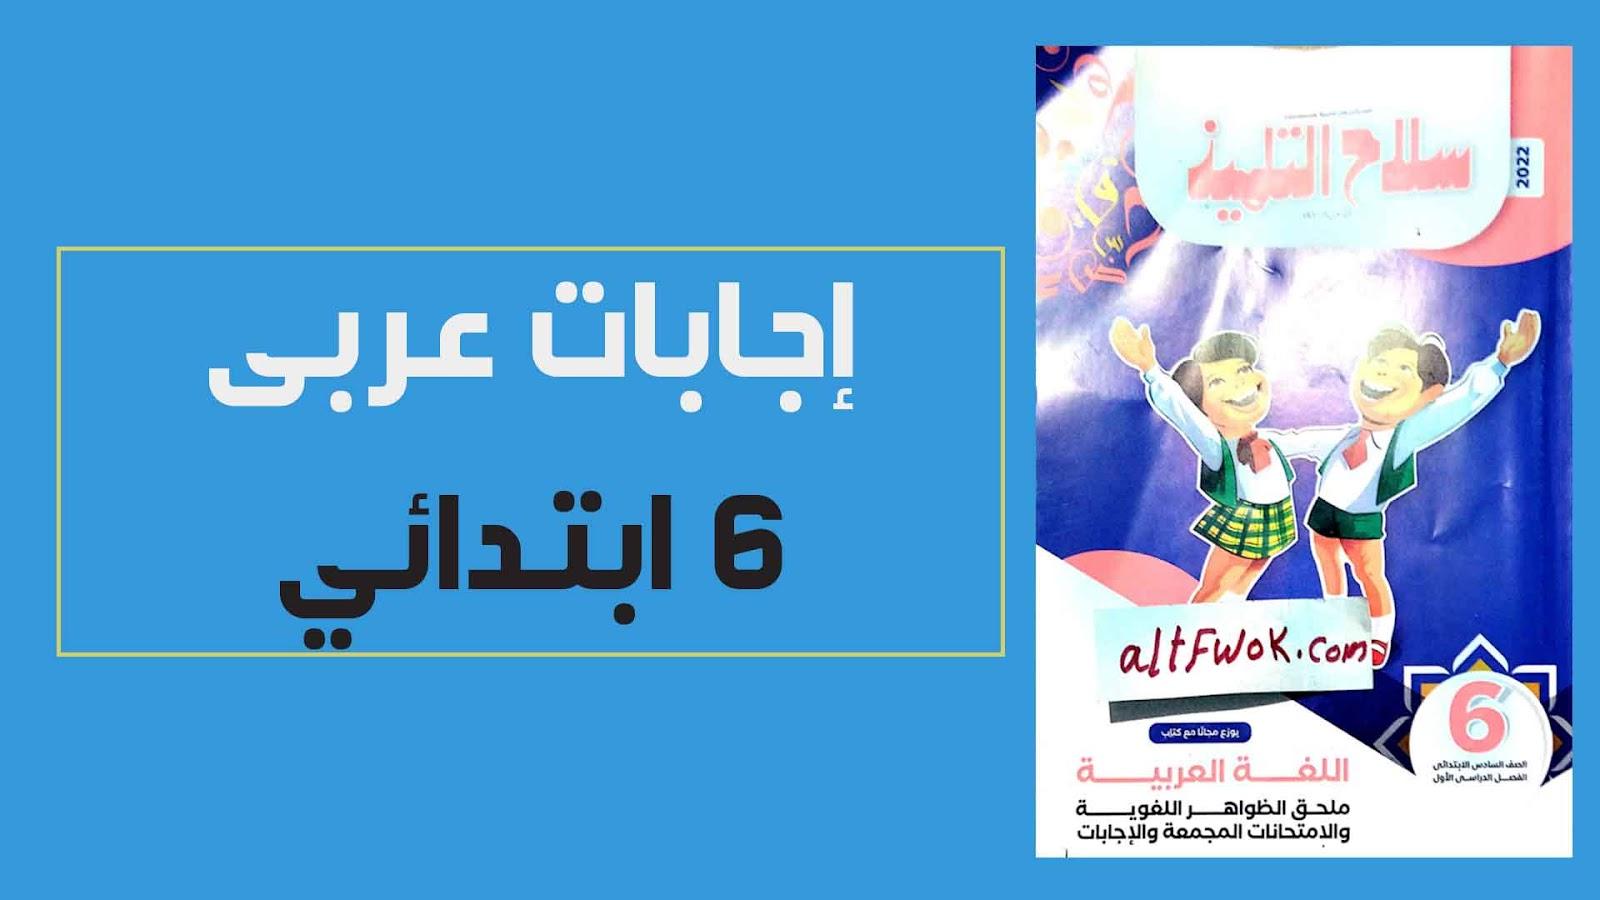 ملحق امتحانات واجابات كتاب سلاح التلميذ لغة عربية للصف السادس الابتدائي الترم الاول 2022 pdf